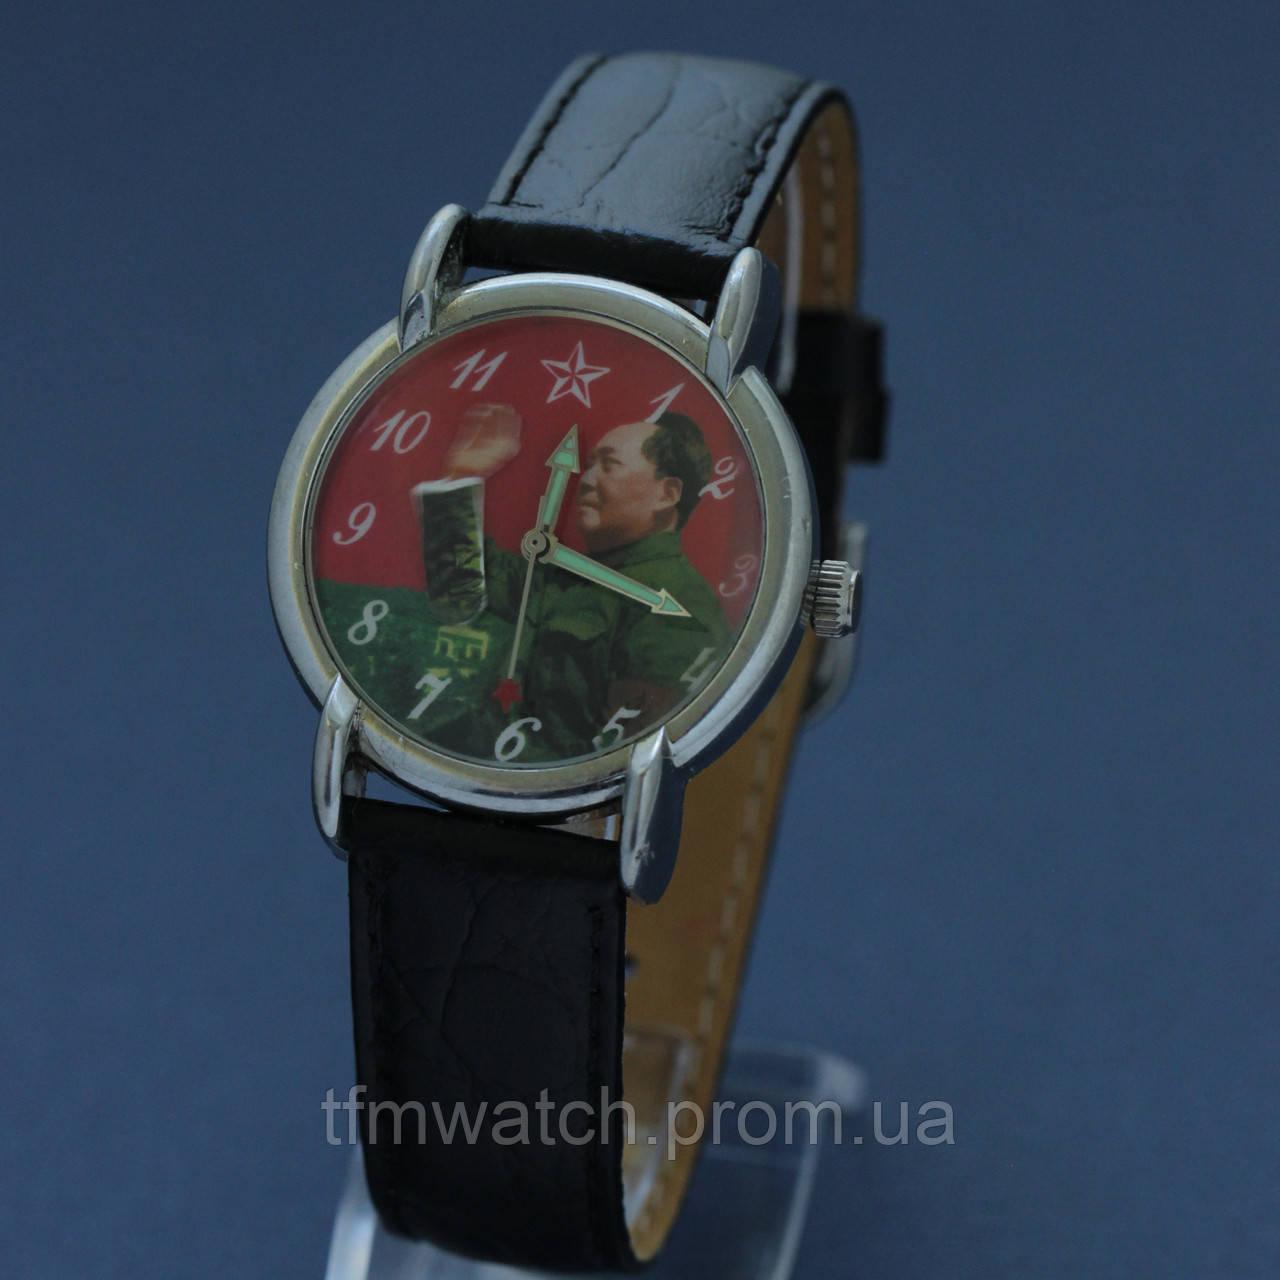 Часы продать китайские домодедово парковки аэропорт часа в стоимость